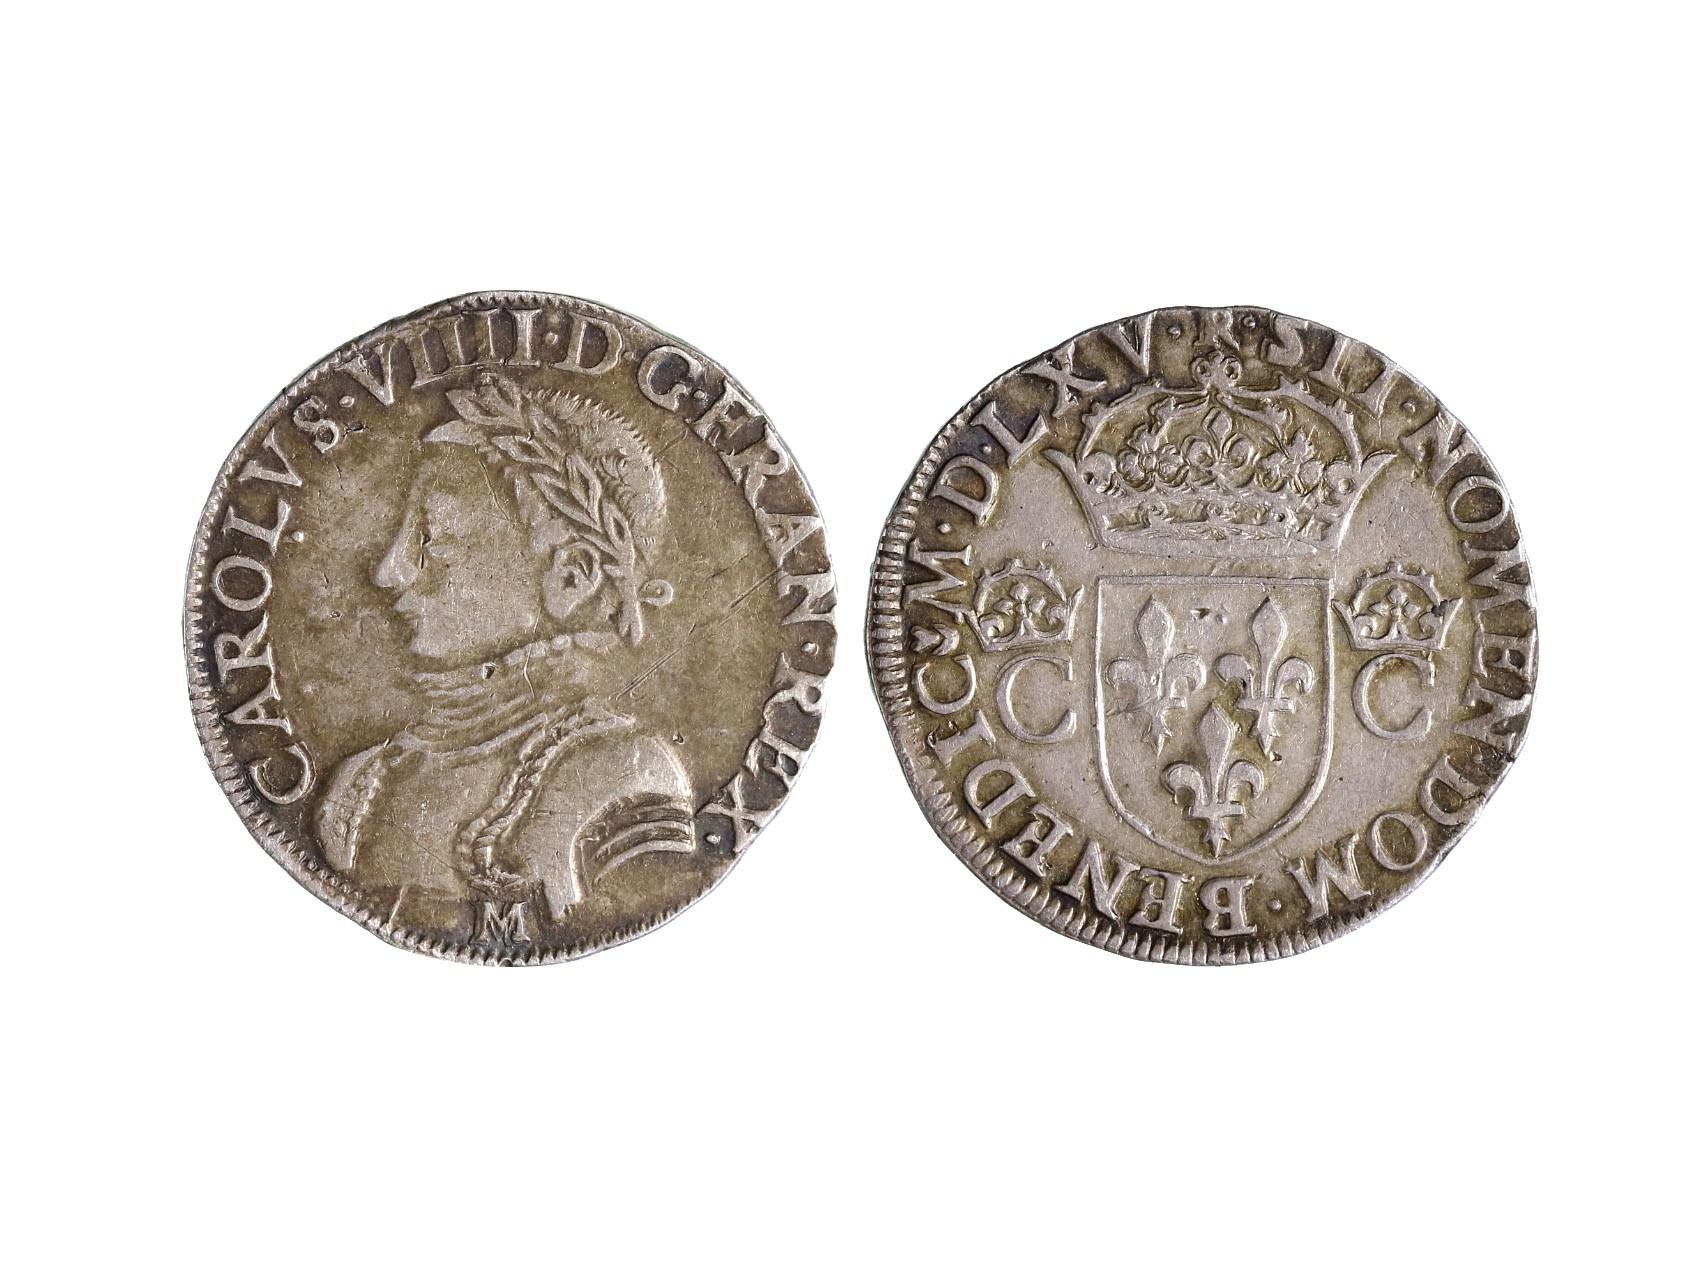 Francie, Karel IX. 1560-1574 - Teston 1565 M, minc. Tolouse, 9.44 g.